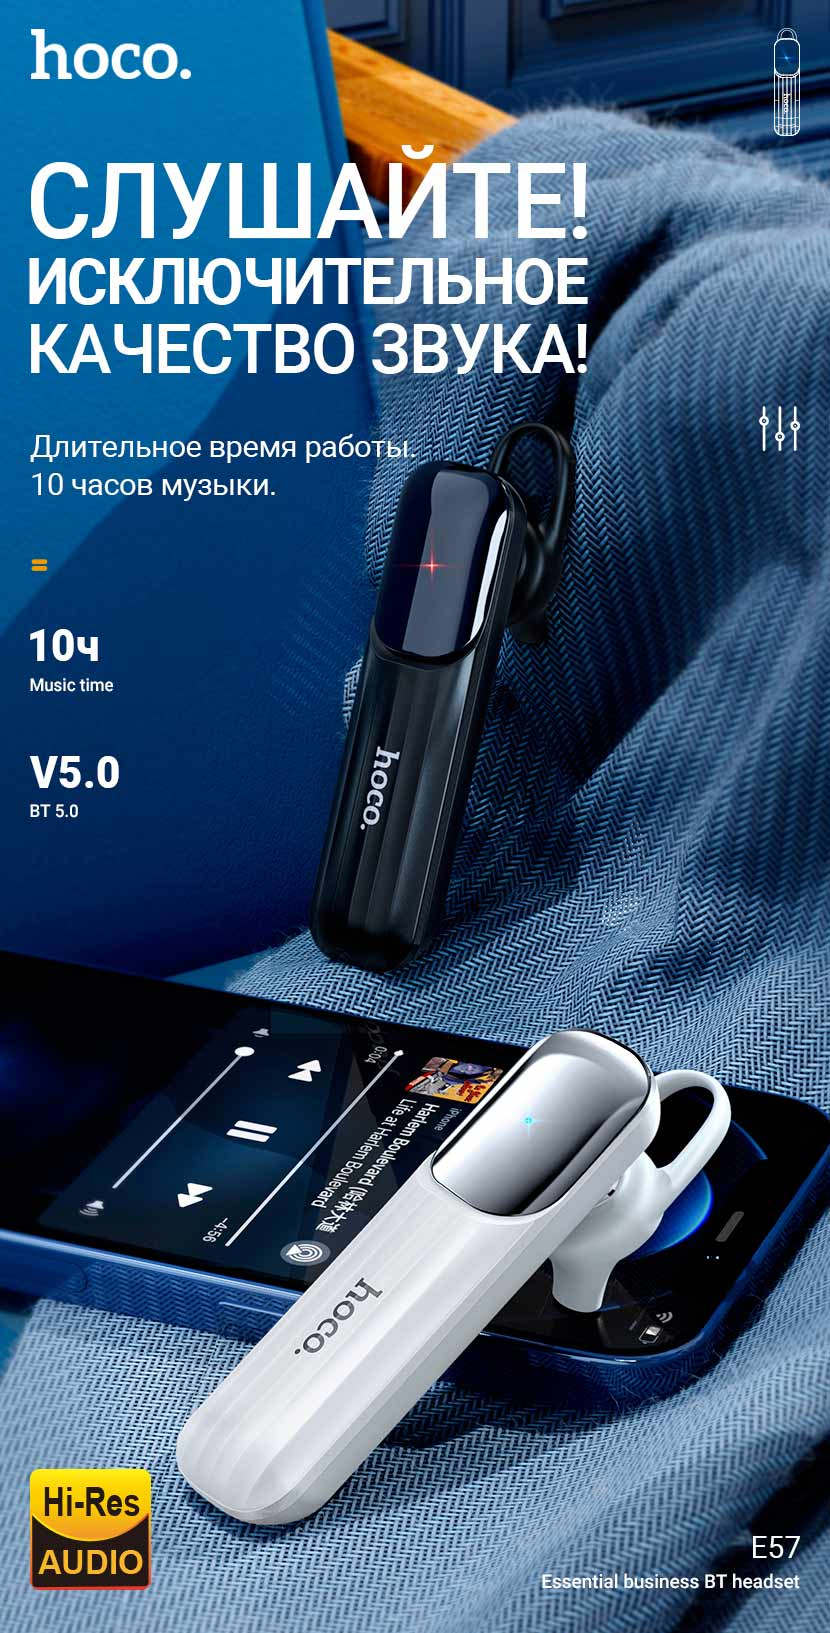 hoco news e57 essential business bt headset ru